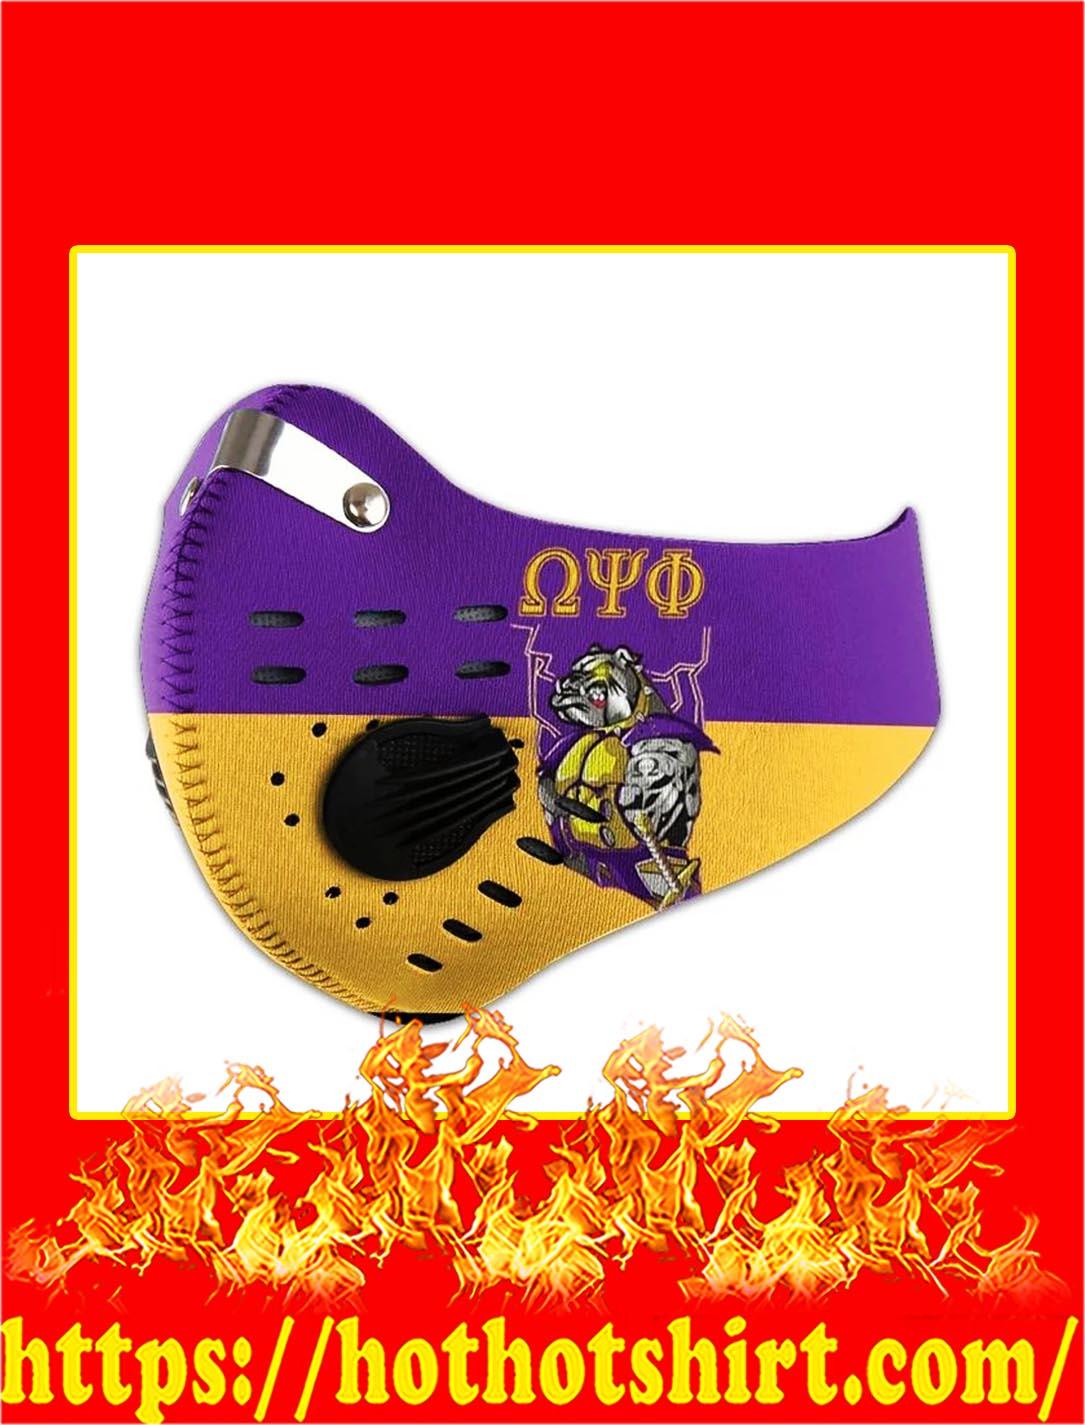 Omega dog face mask - pic 1